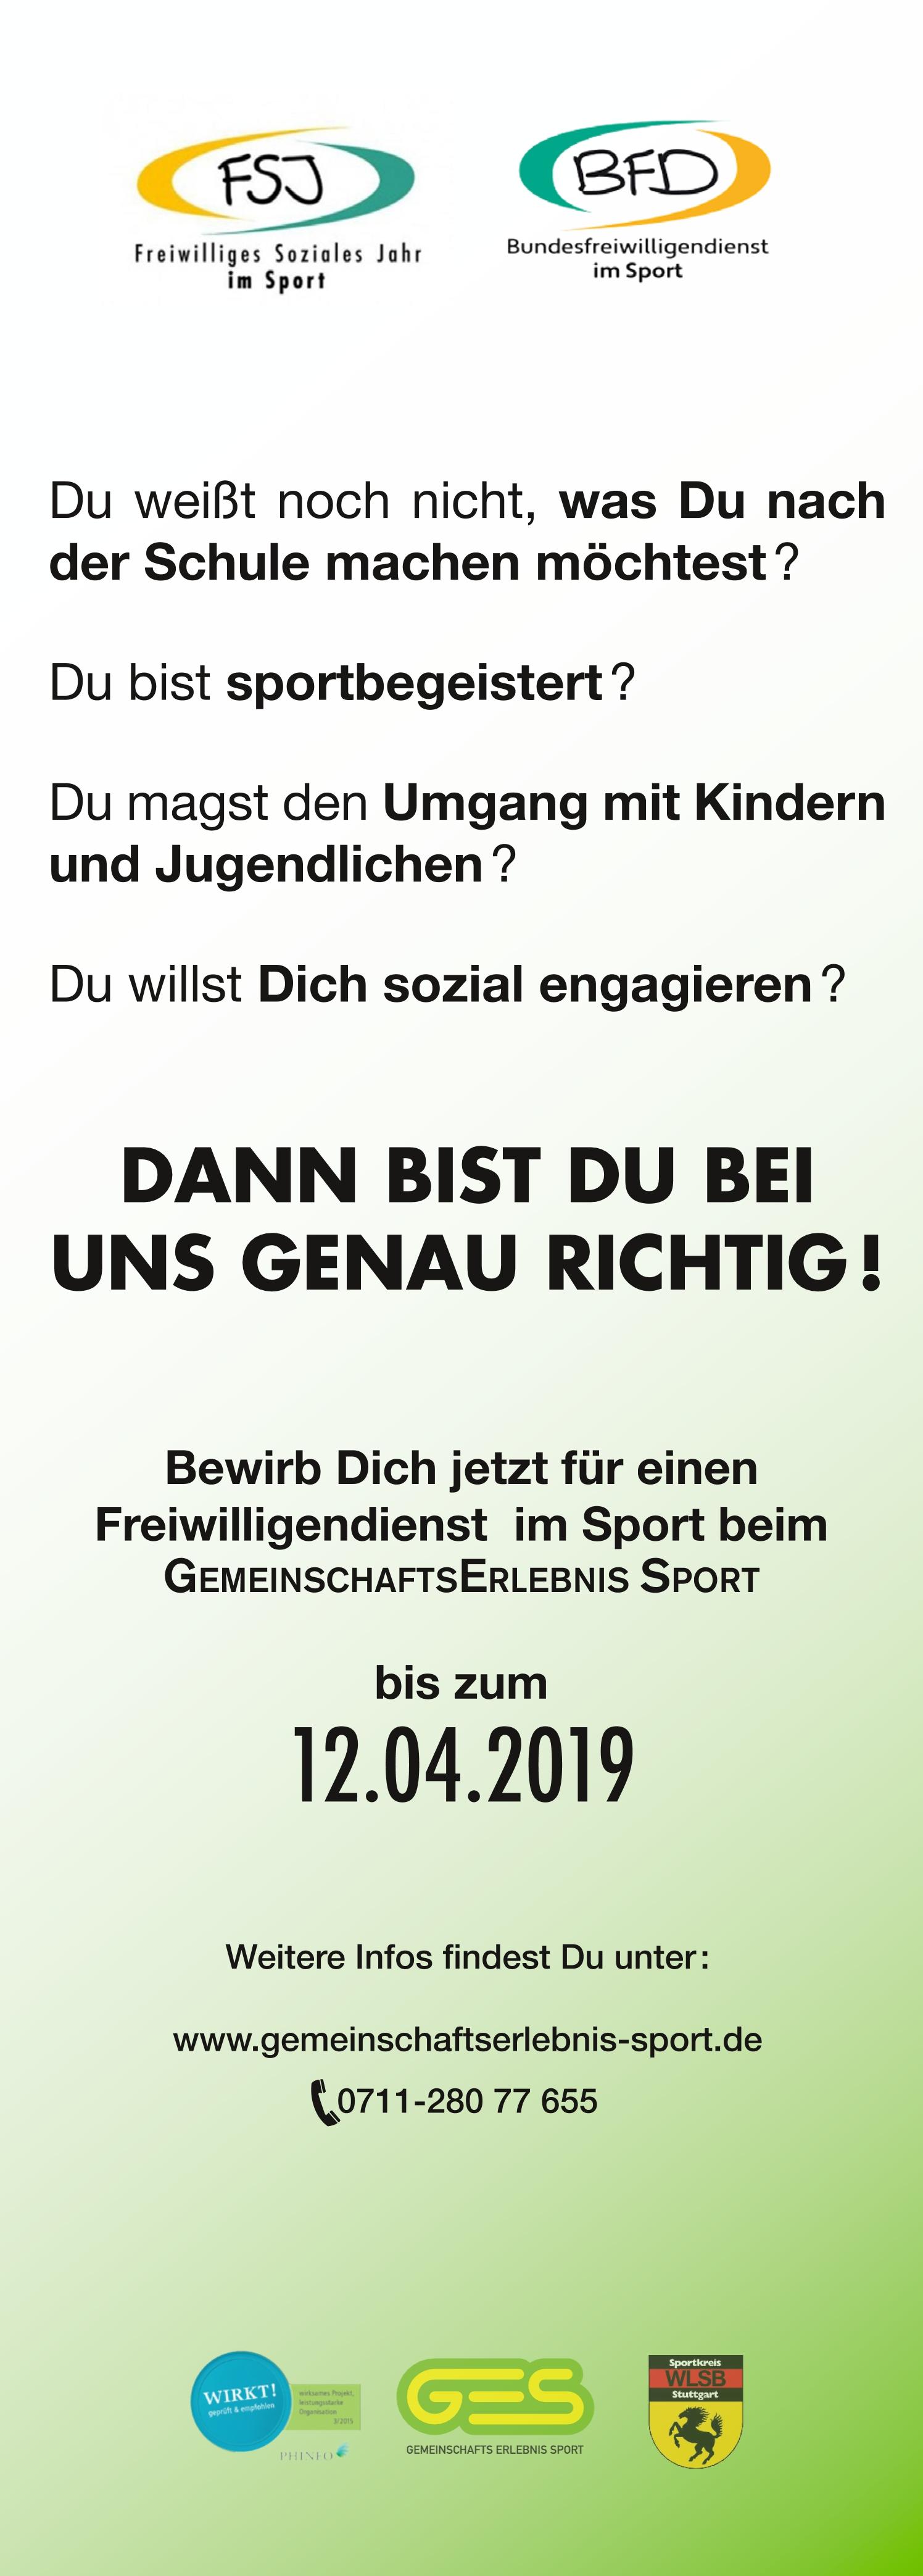 FSJ_BFD